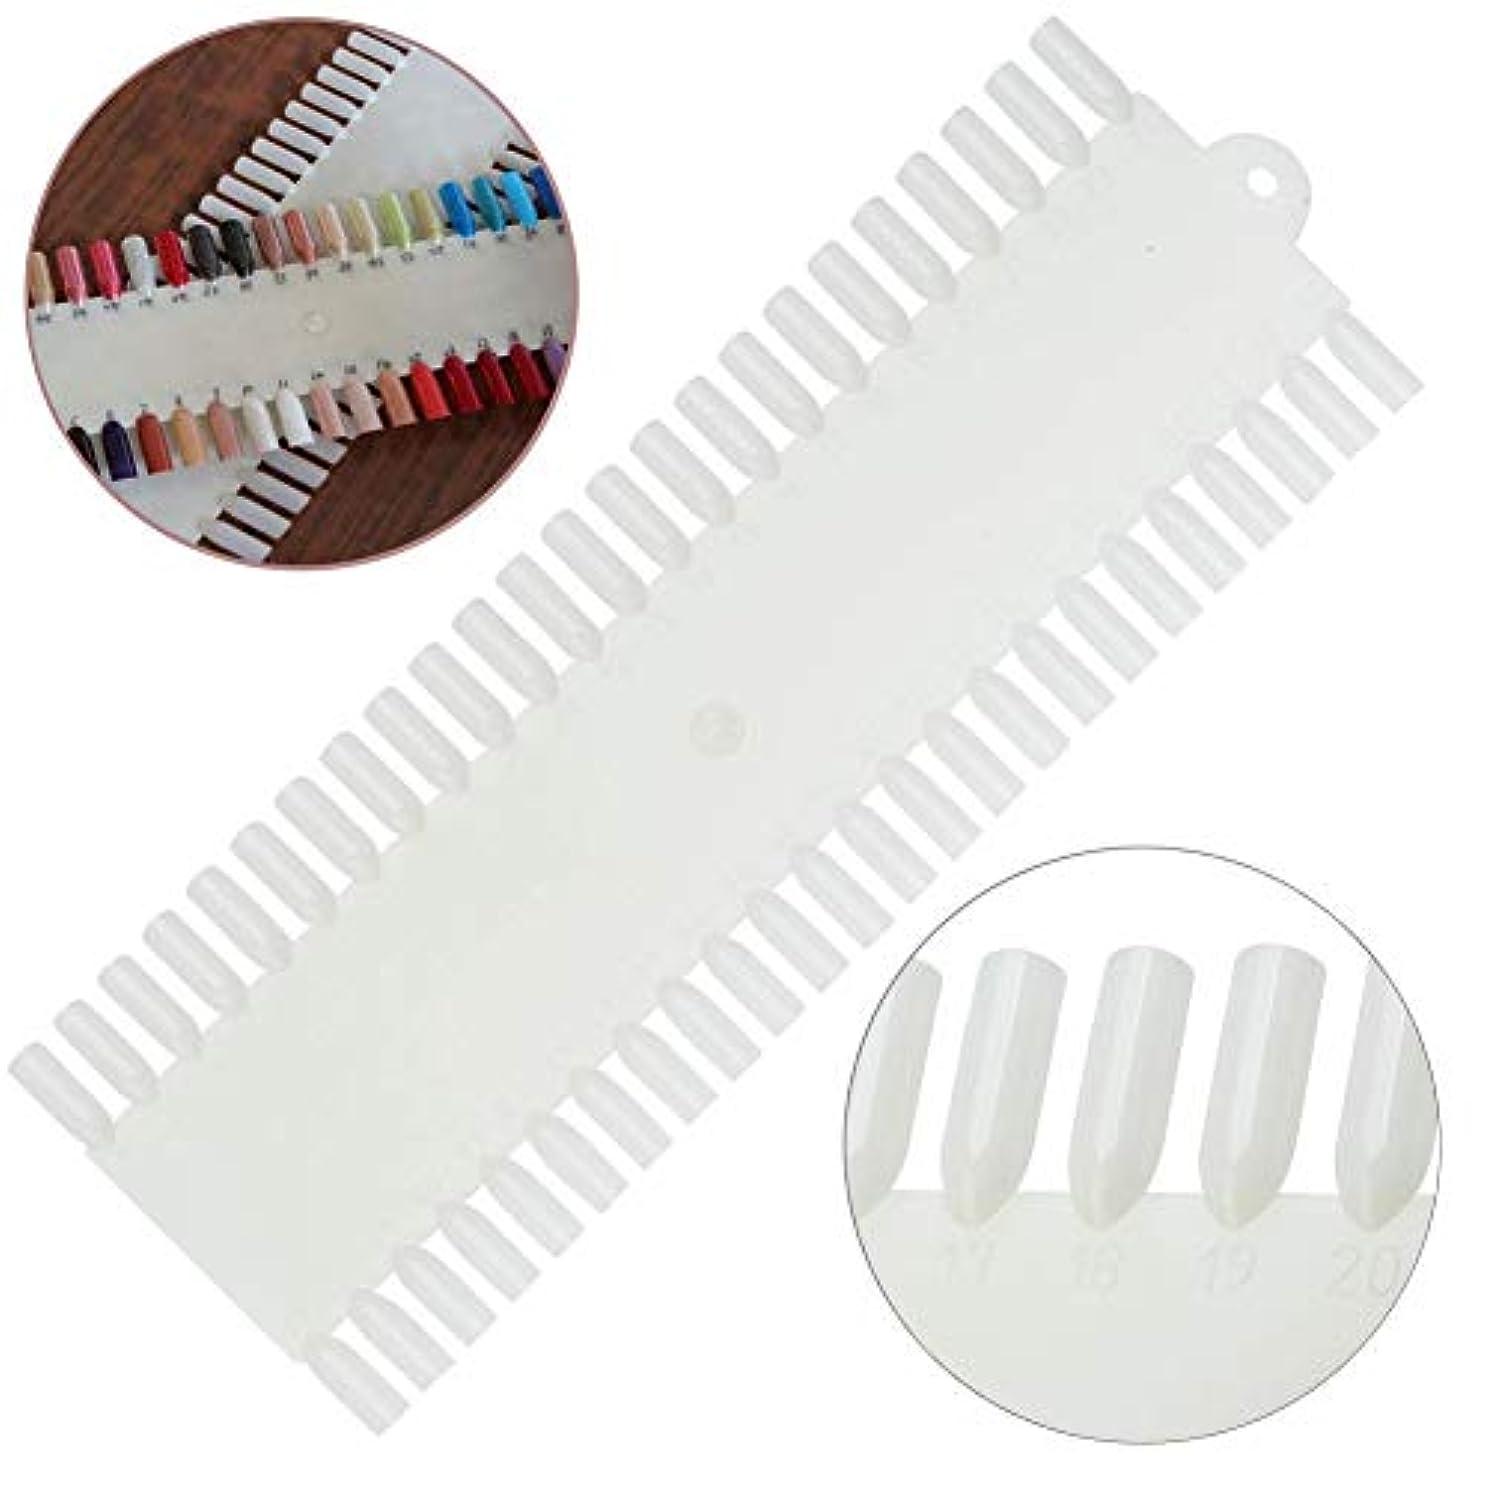 引き受ける流ソース白の48の偽の釘/プラスチックヒント/表示および練習板が付いている良質の専門のネイルアートパレット